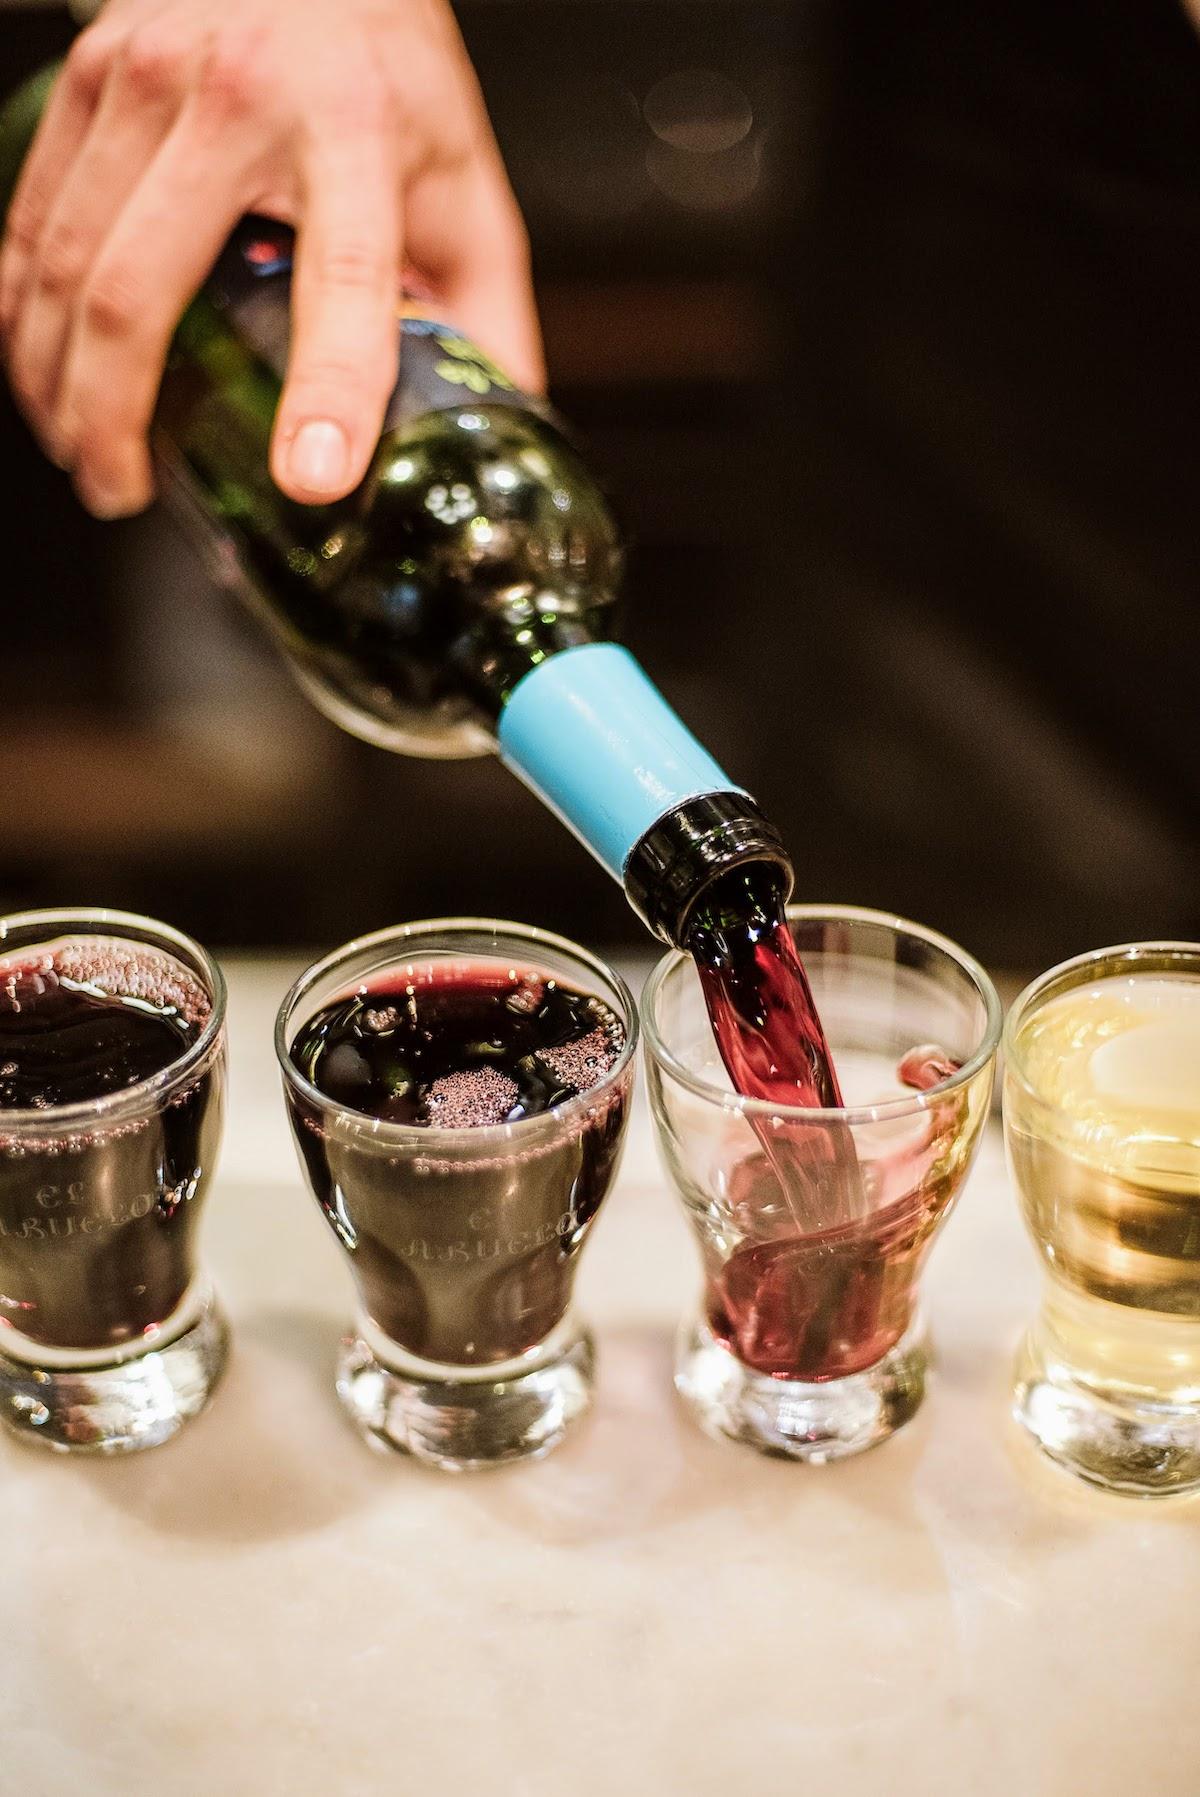 El vino tinto se vierte de una botella en pequeños vasos de chato